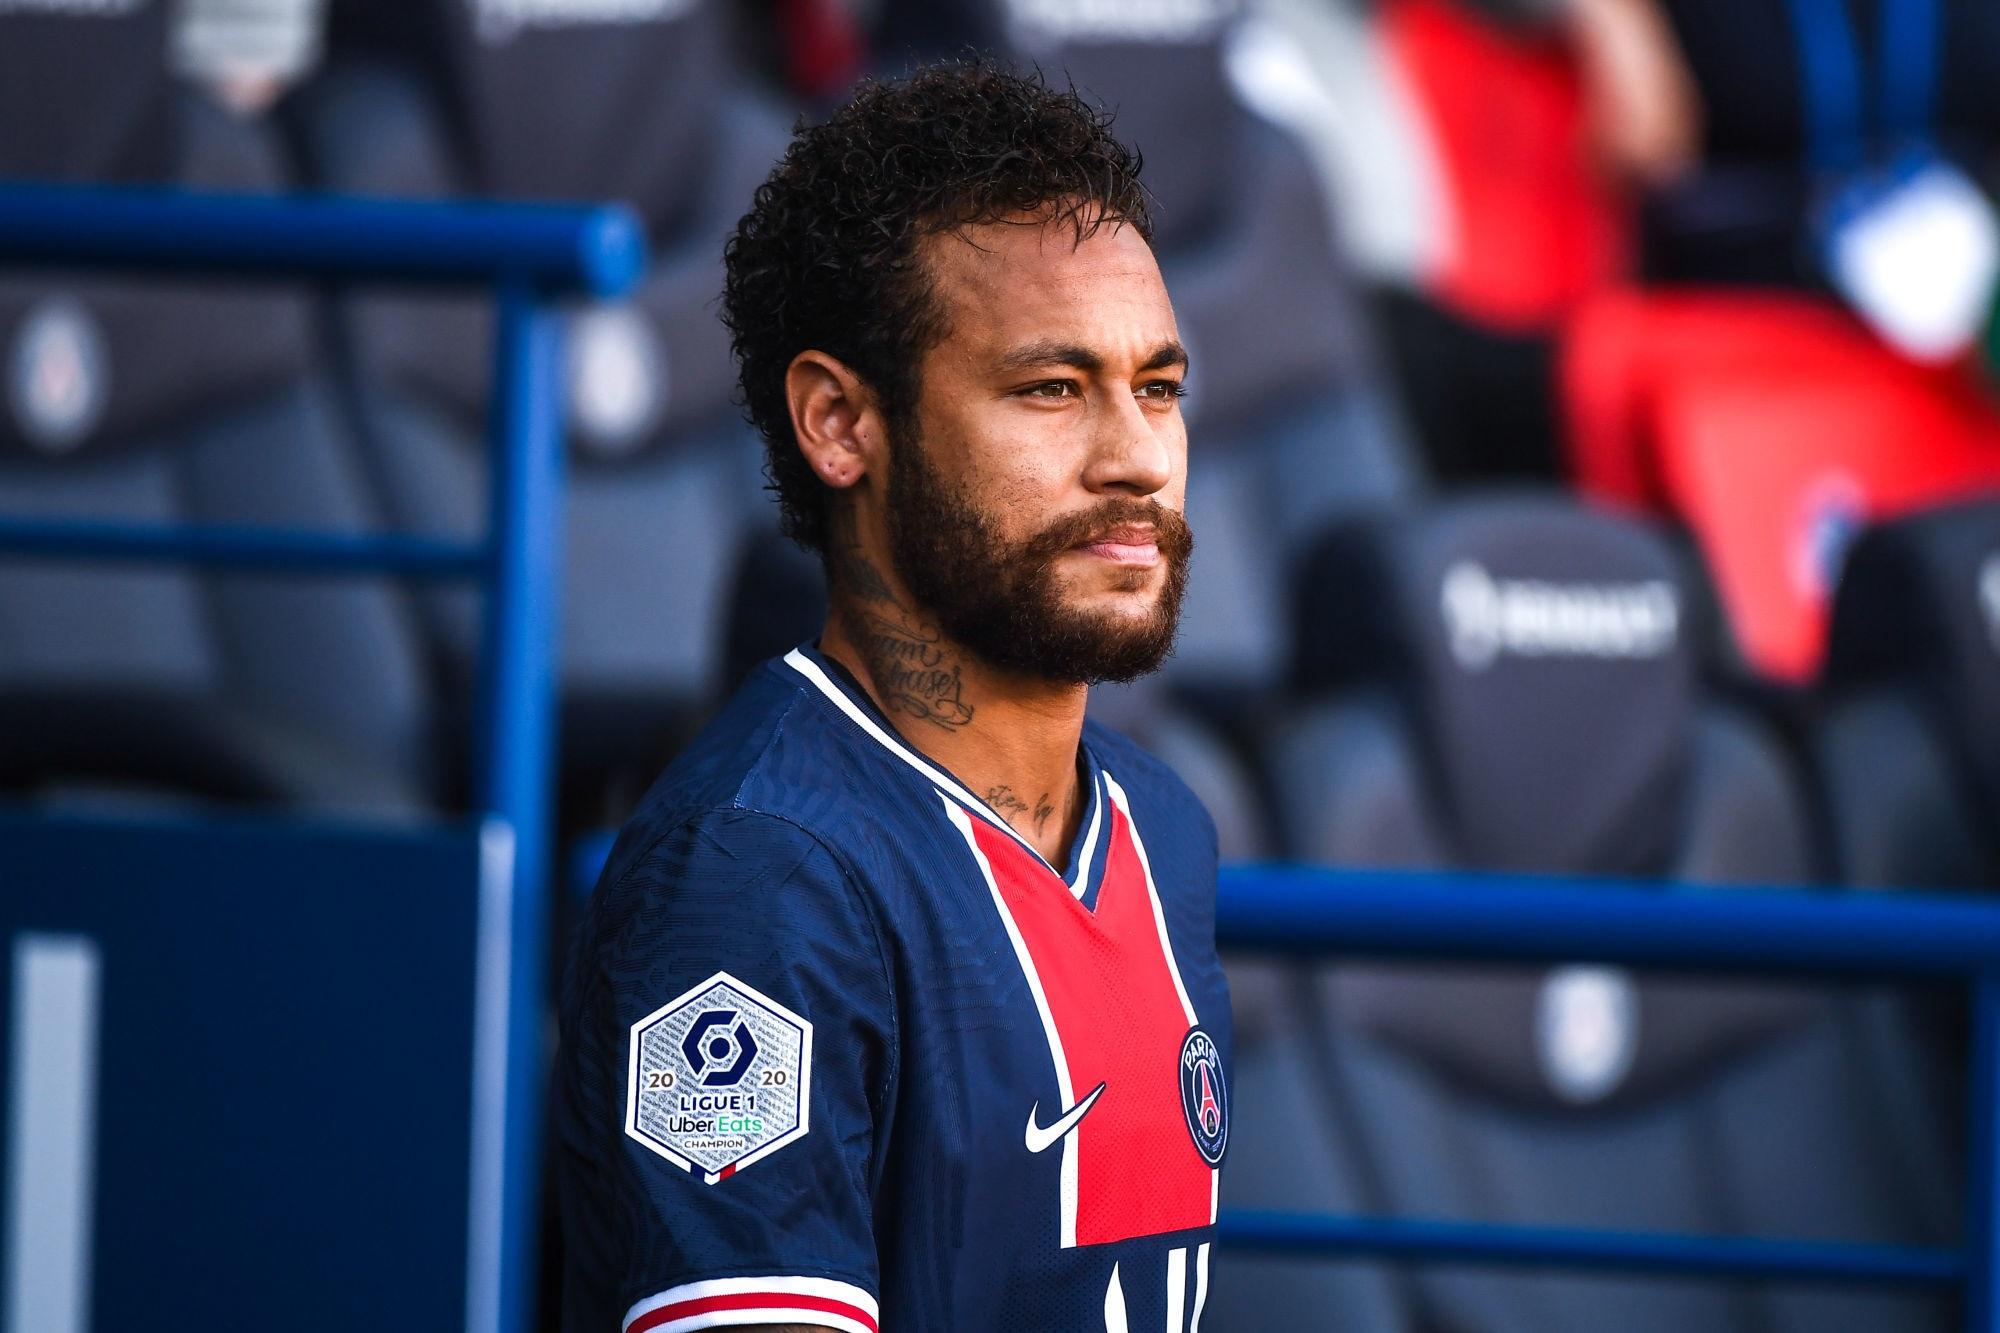 """La prolongation de Neymar au PSG est """"imminente"""", assure Romano"""